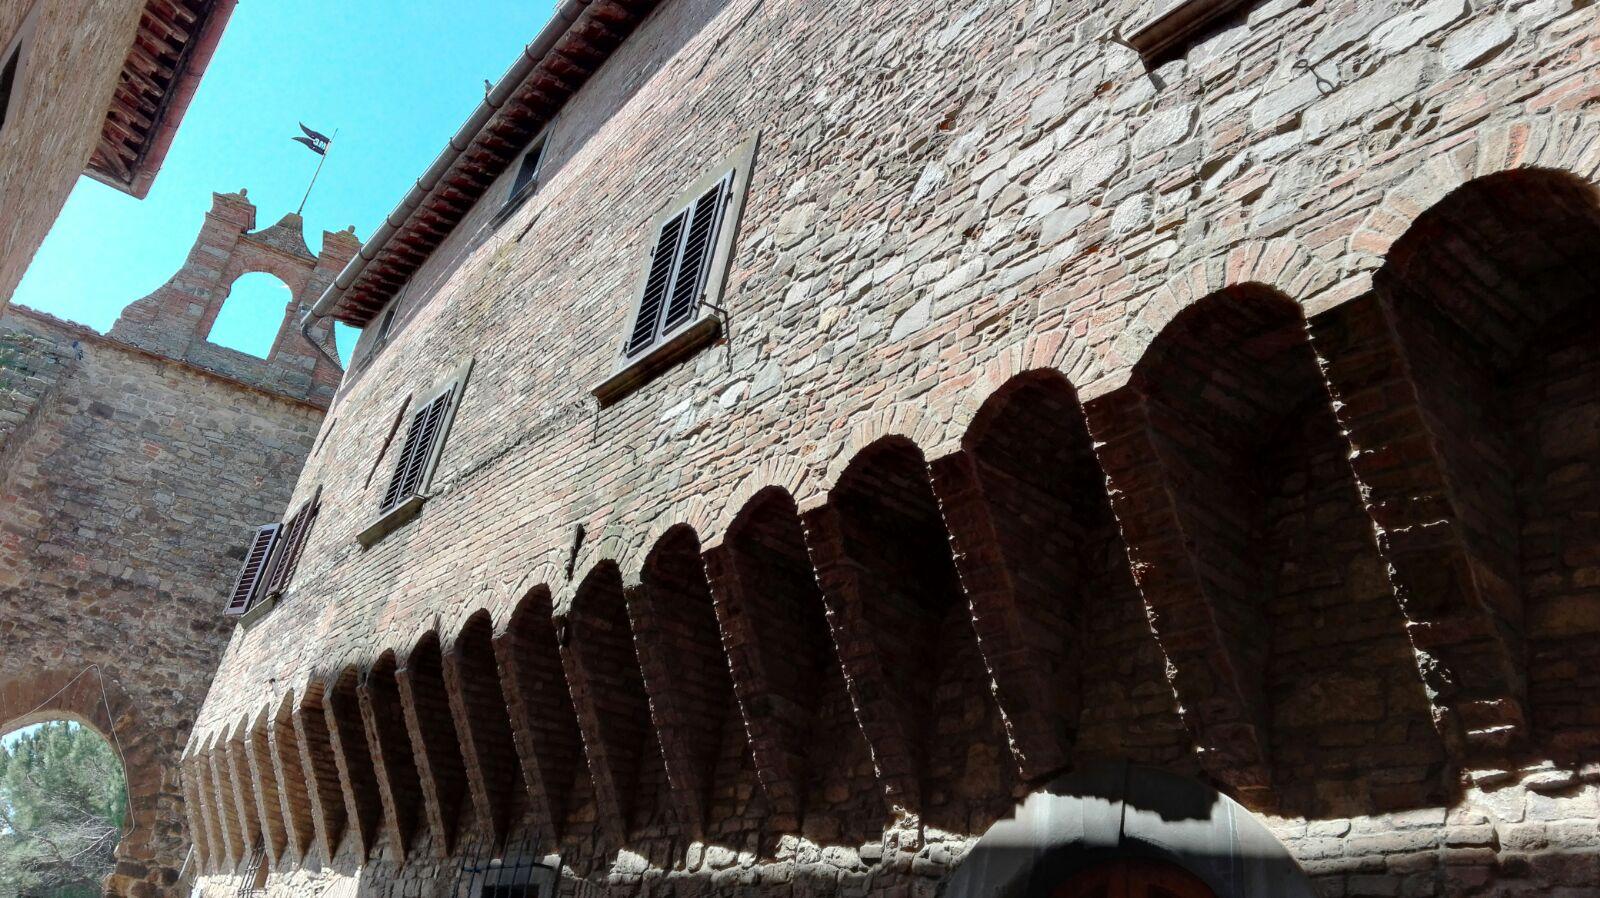 Barberino Val d'Elsa - Radici e identità a Barberino d'Elsa - Toscana Ovunque Bella